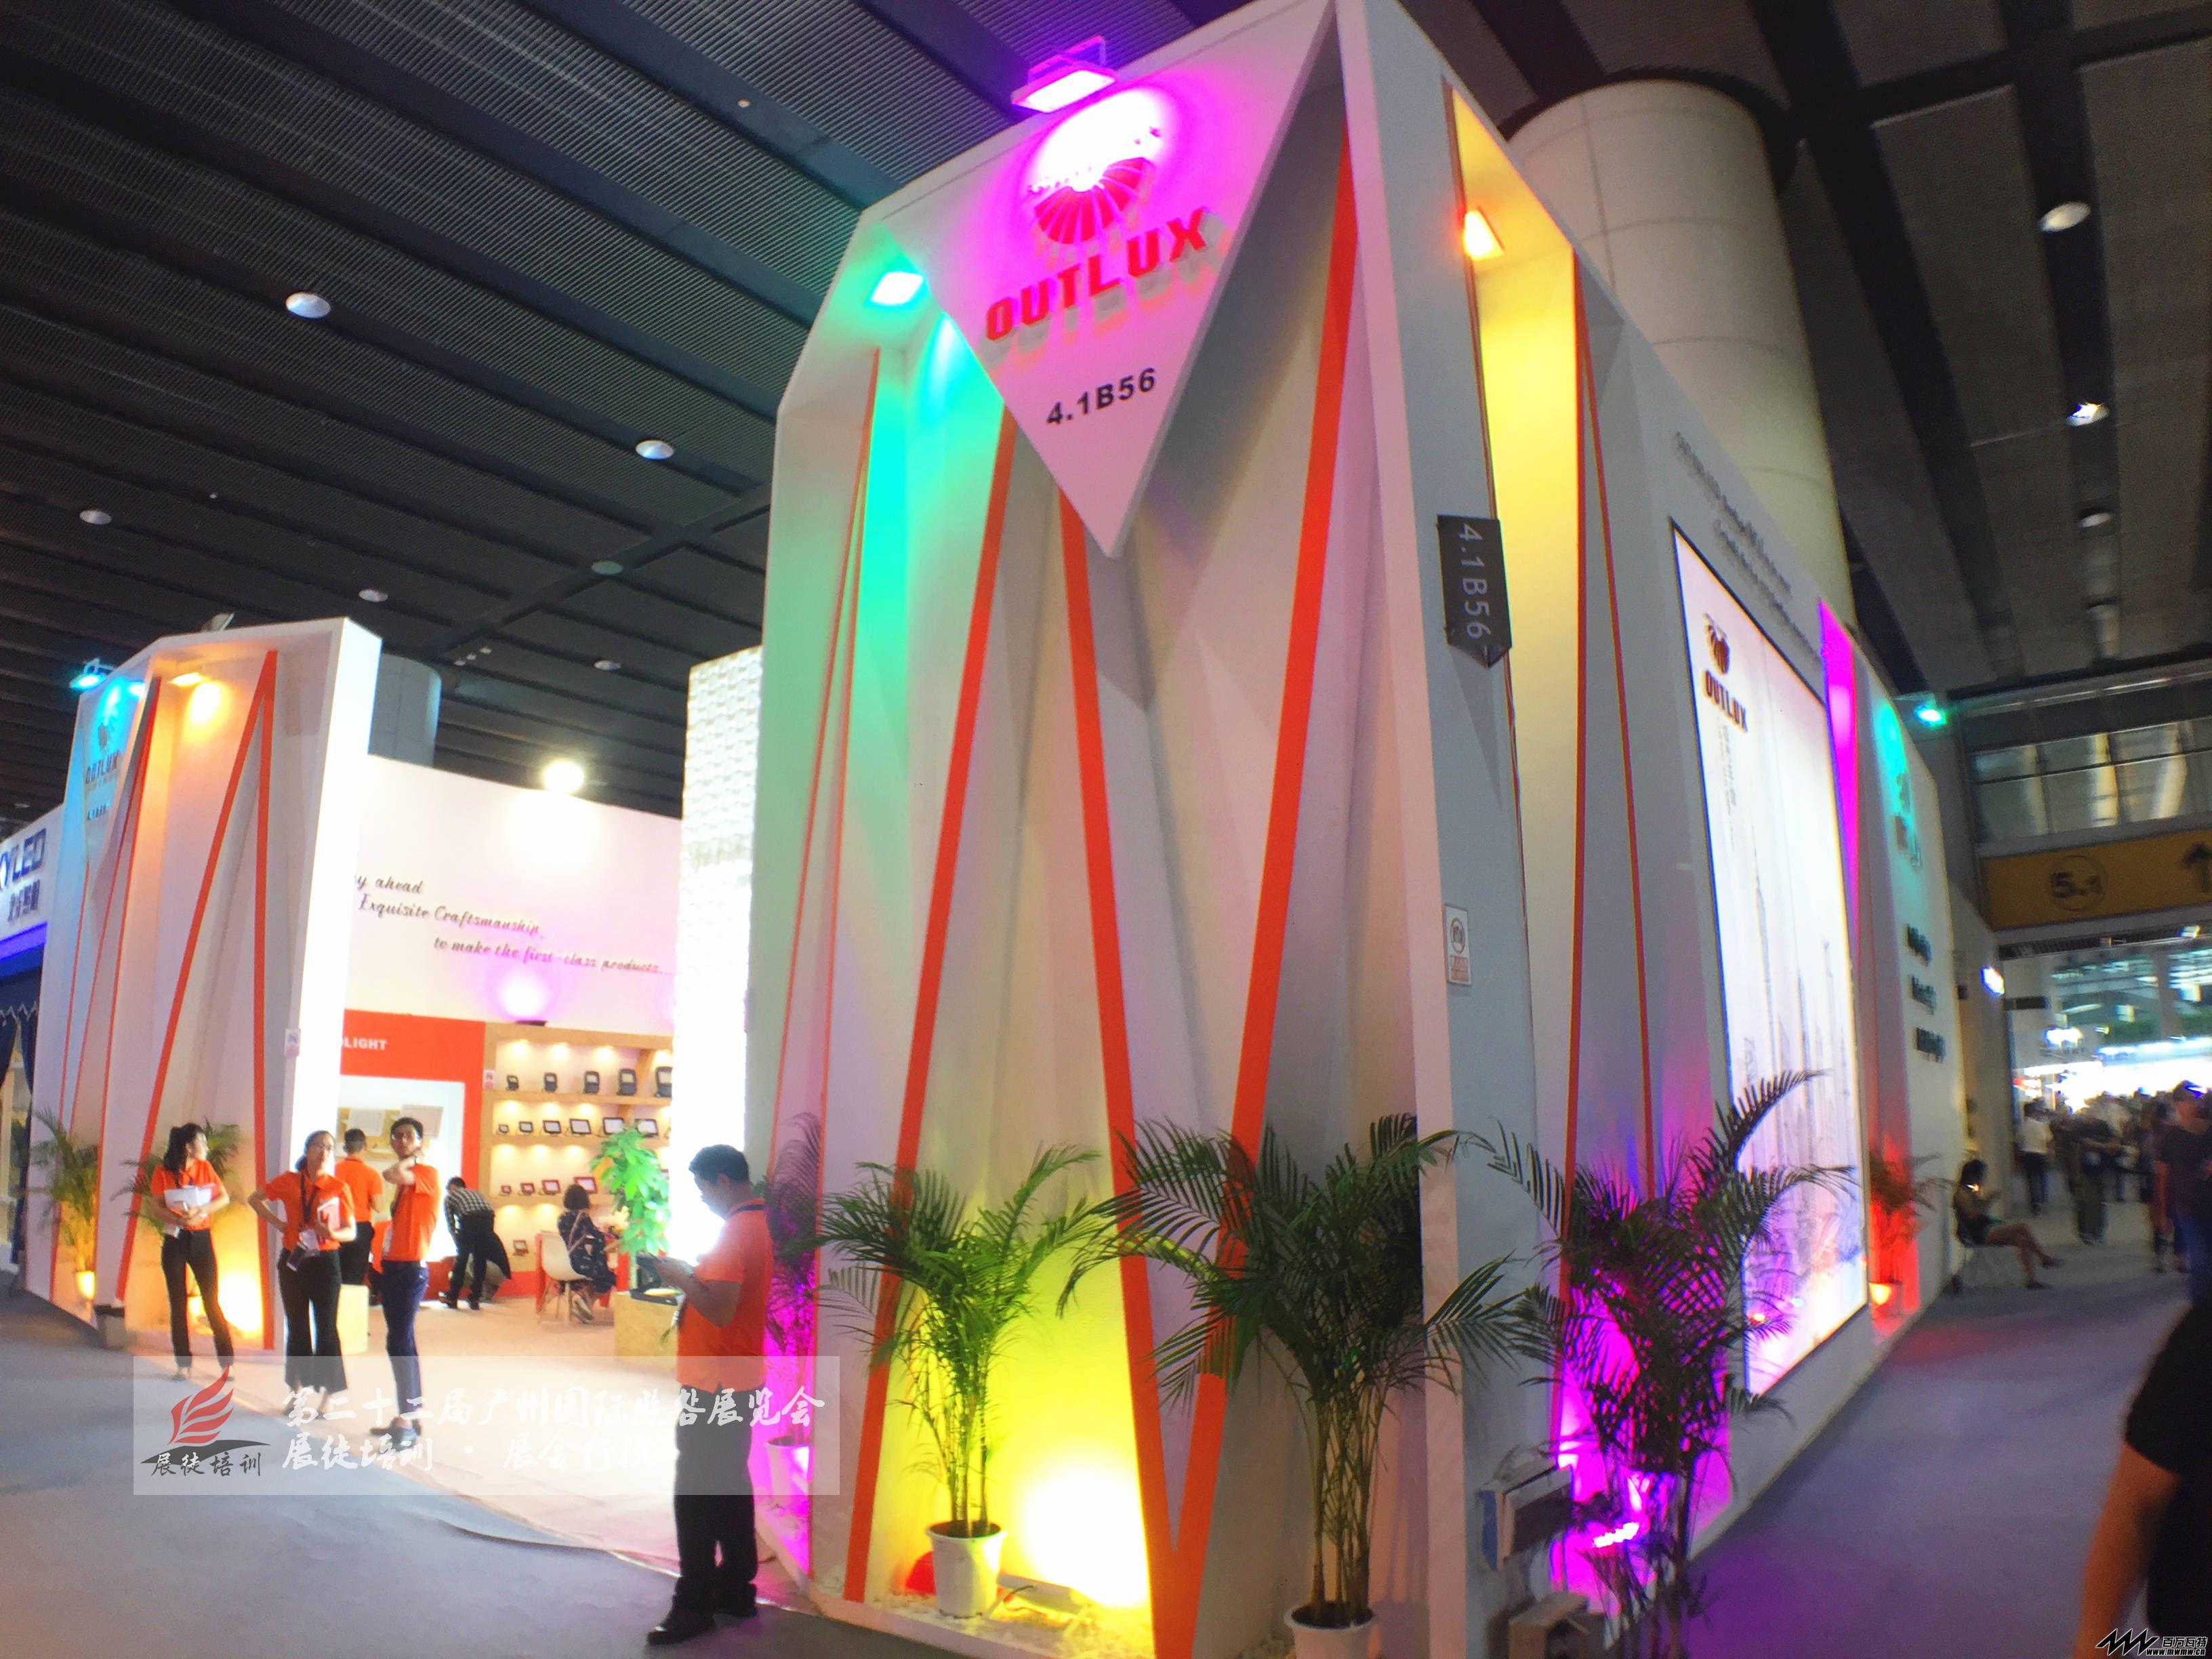 第二十二届广州国际照明展览会-展徒培训·展会行摄 (165).jpg